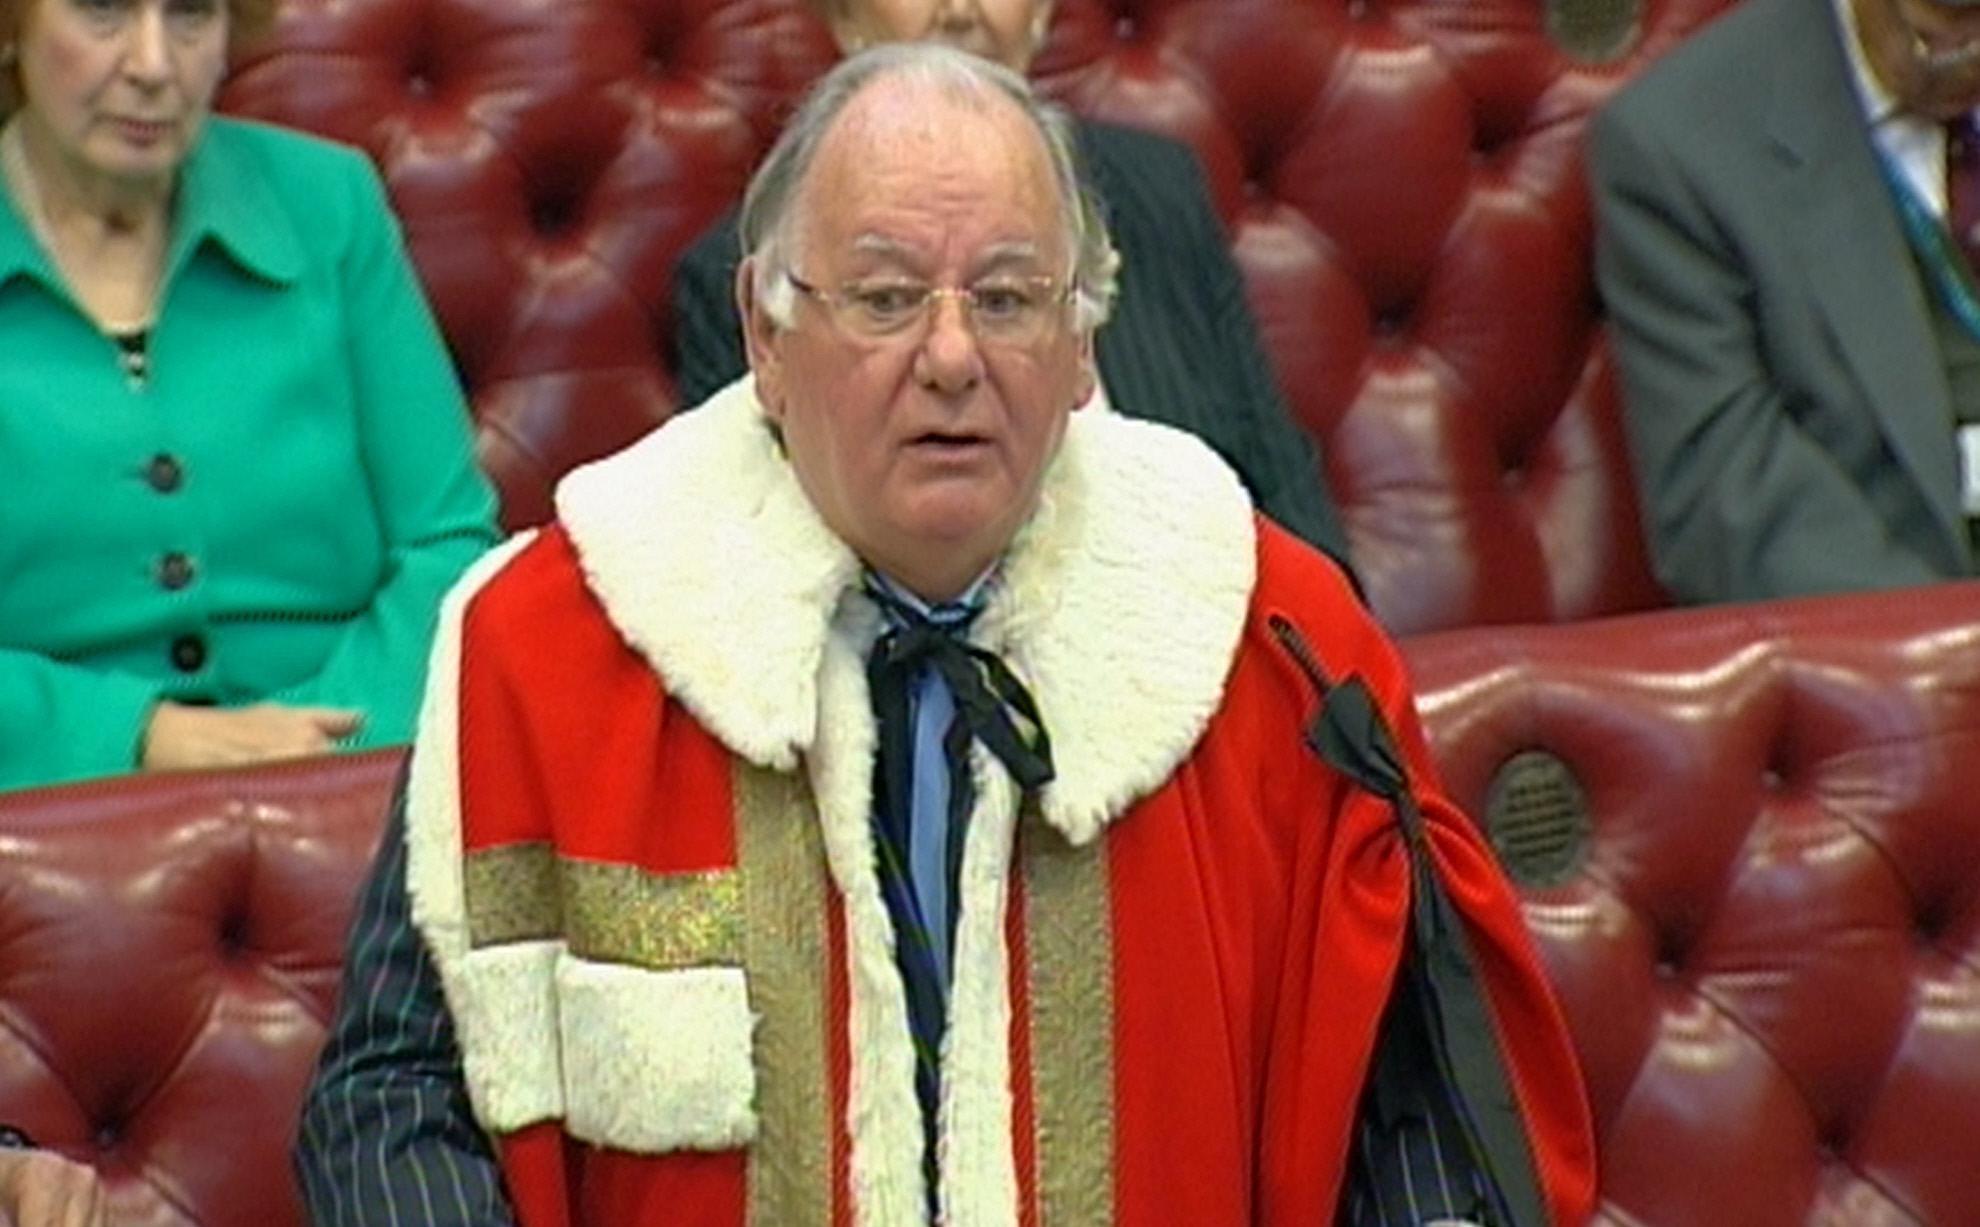 Michael Martin, Former Commons Speaker, Dies Aged 72